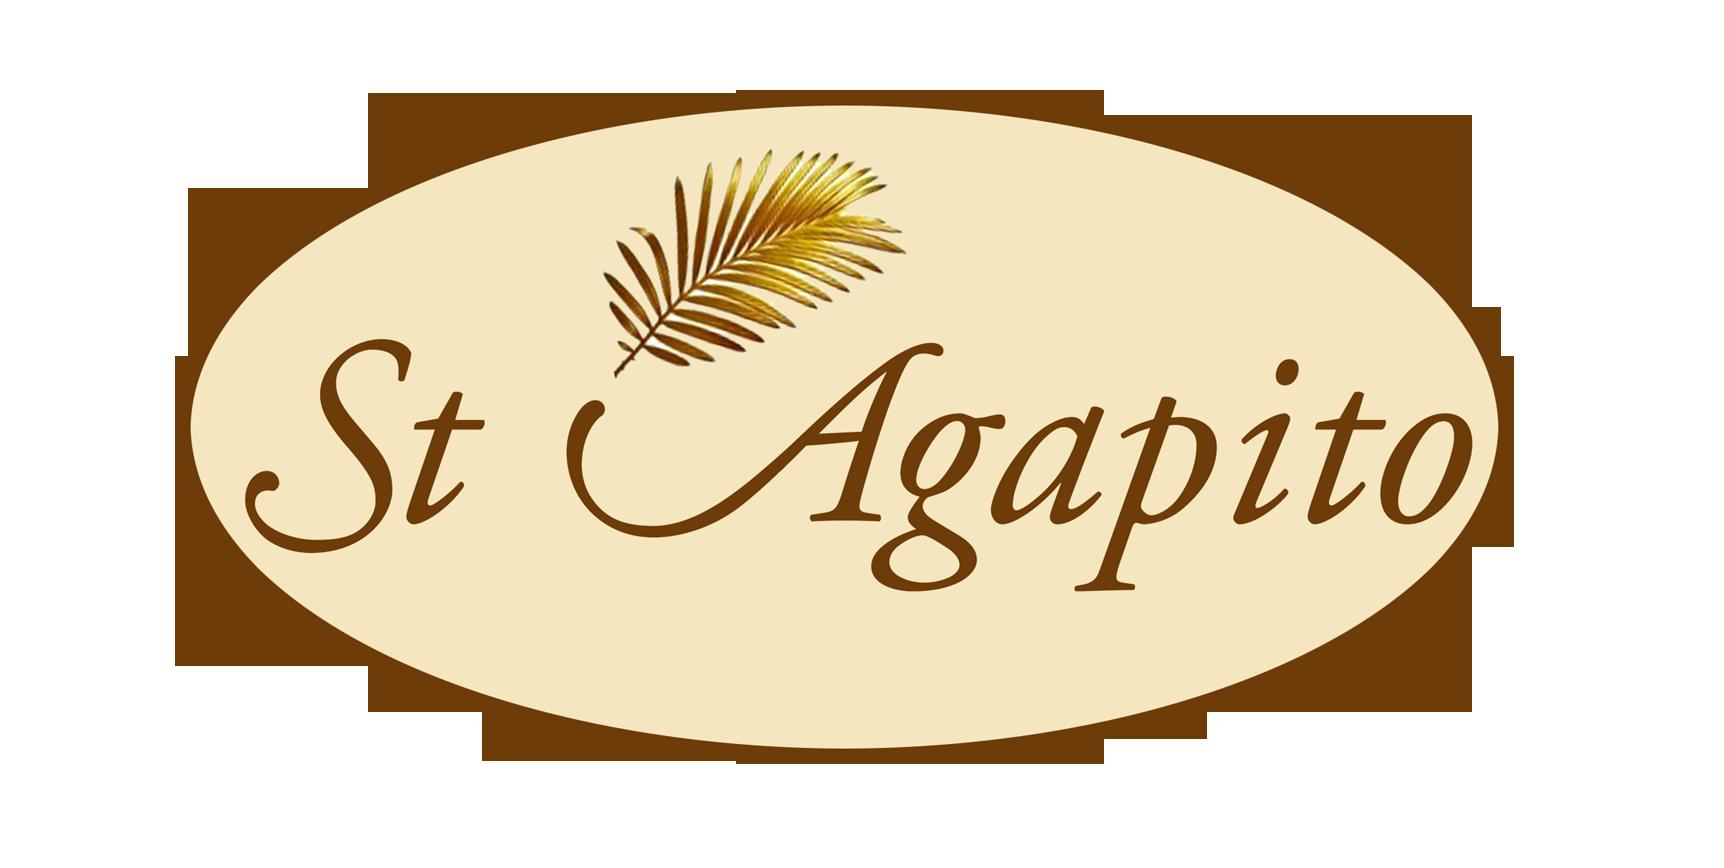 stagapito